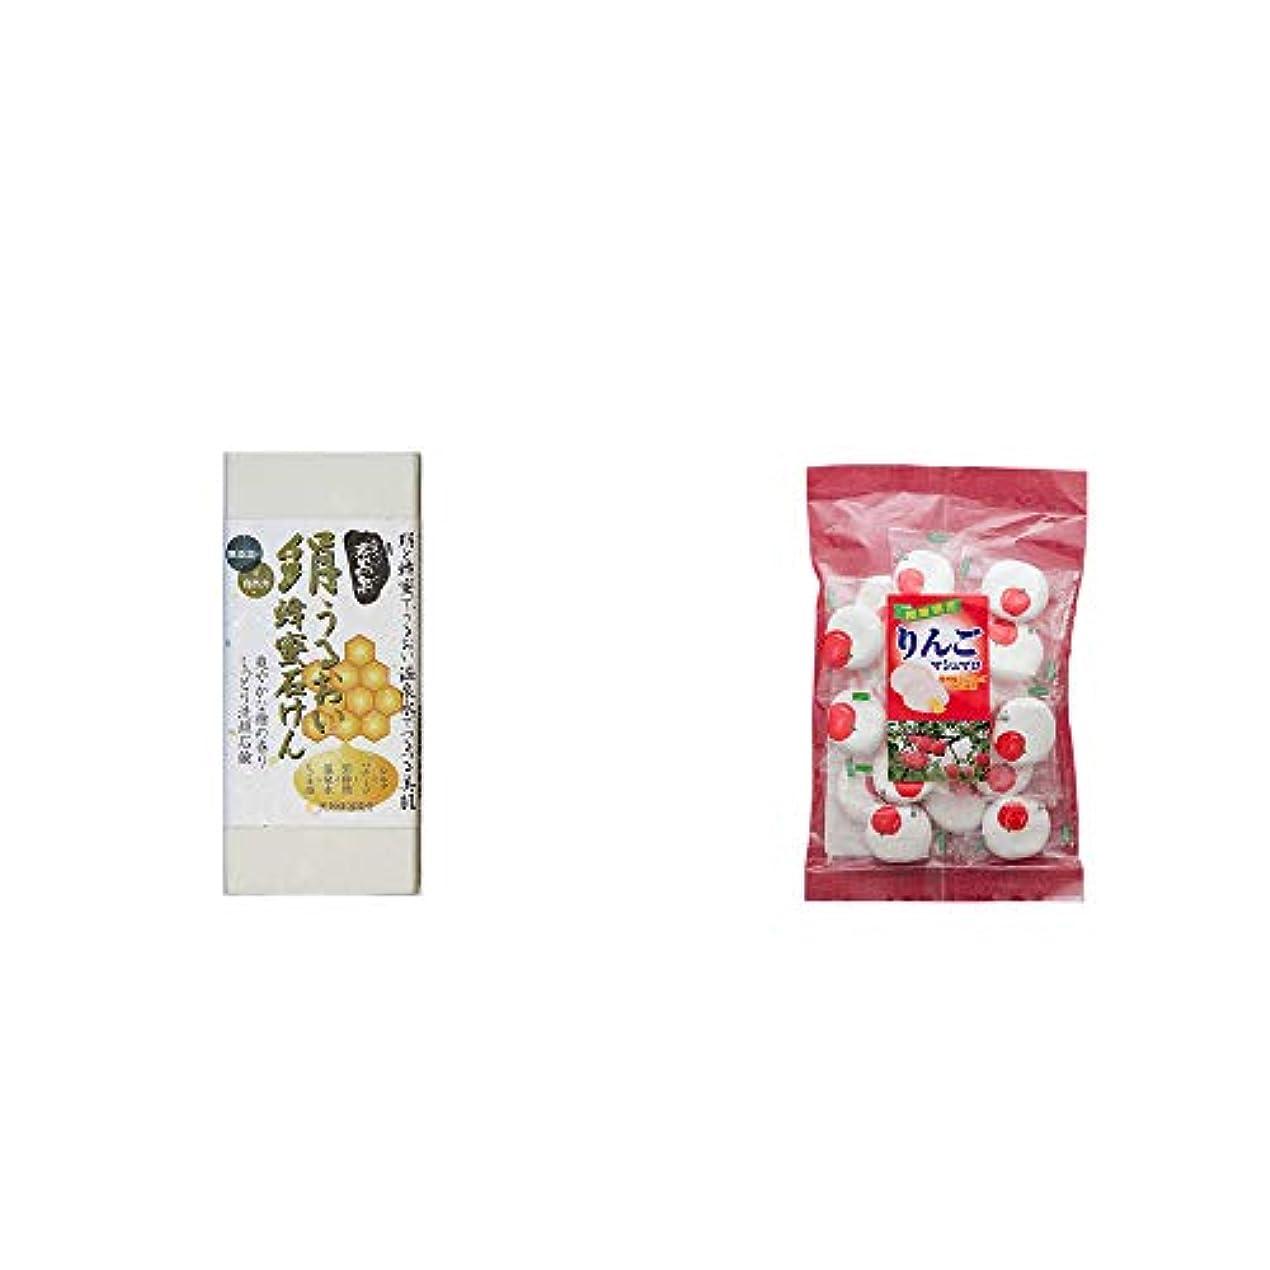 収益キャビン酸[2点セット] ひのき炭黒泉 絹うるおい蜂蜜石けん(75g×2)?信州りんご100%使用 りんごマシュマロ(110g)